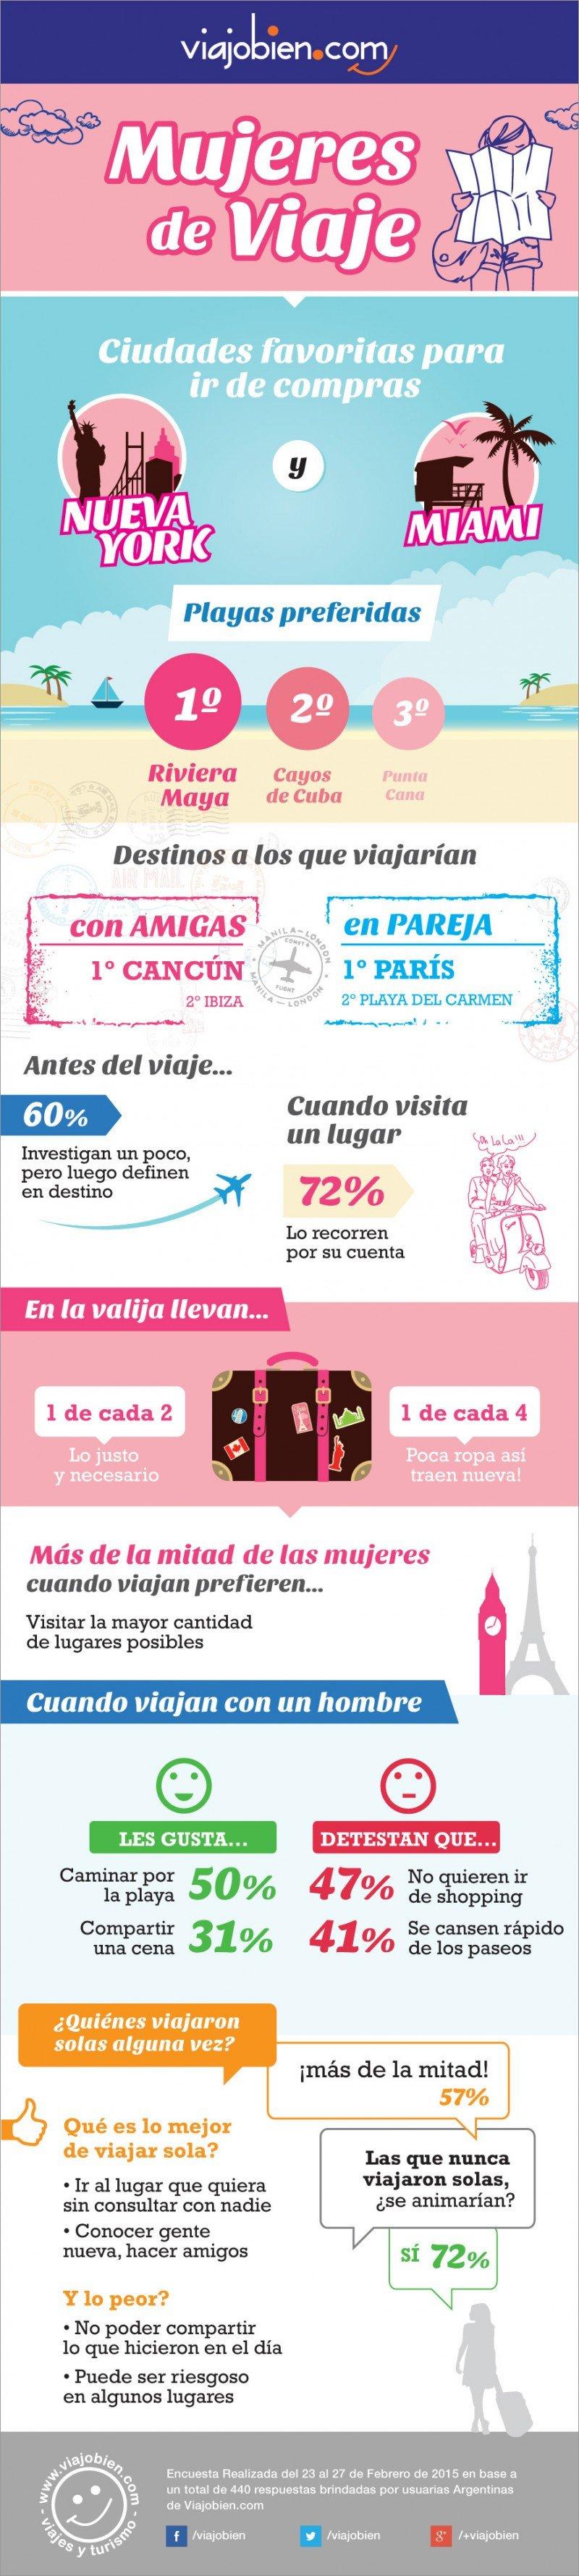 Infografía: ¿Qué eligen las mujeres en los viajes?